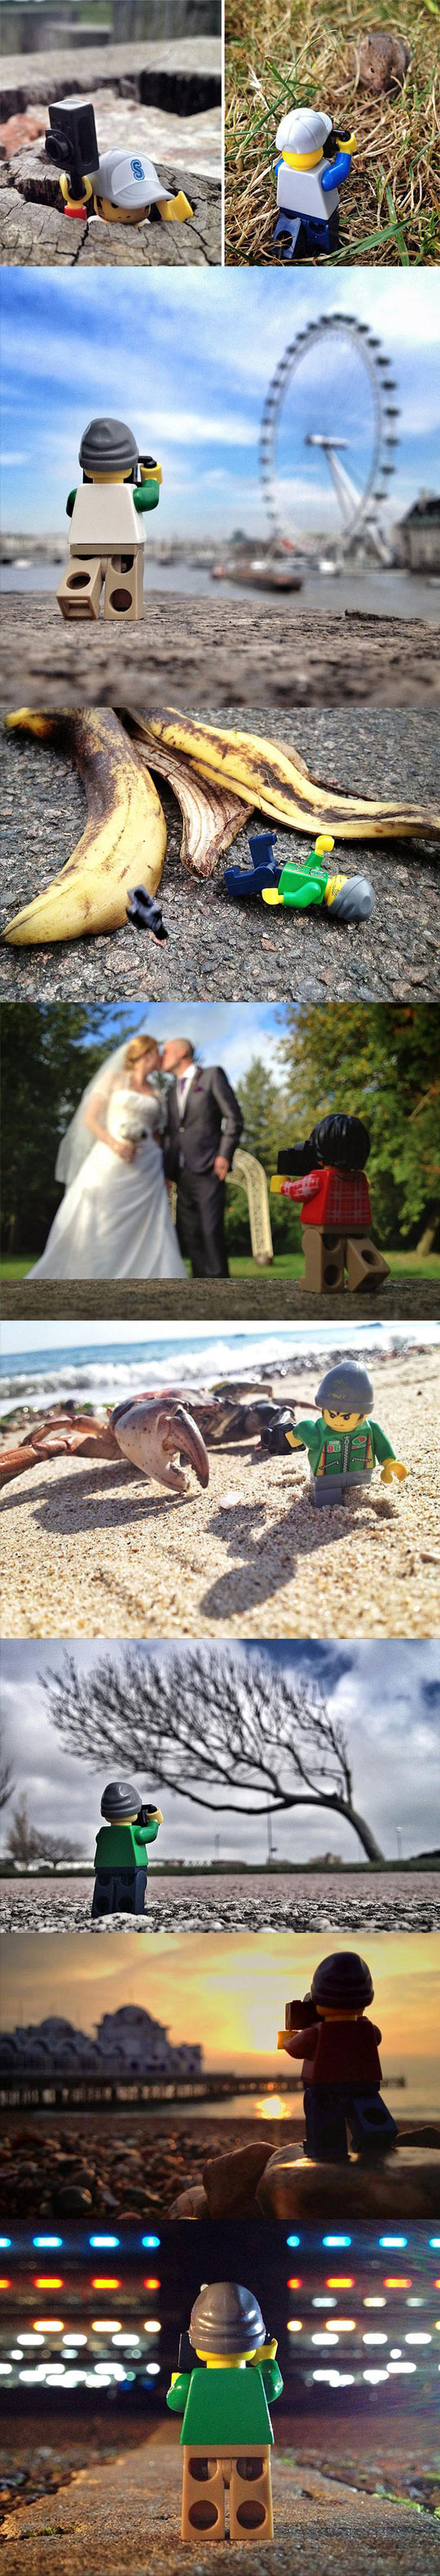 funny-Lego-photographer-world-travel-whole-year